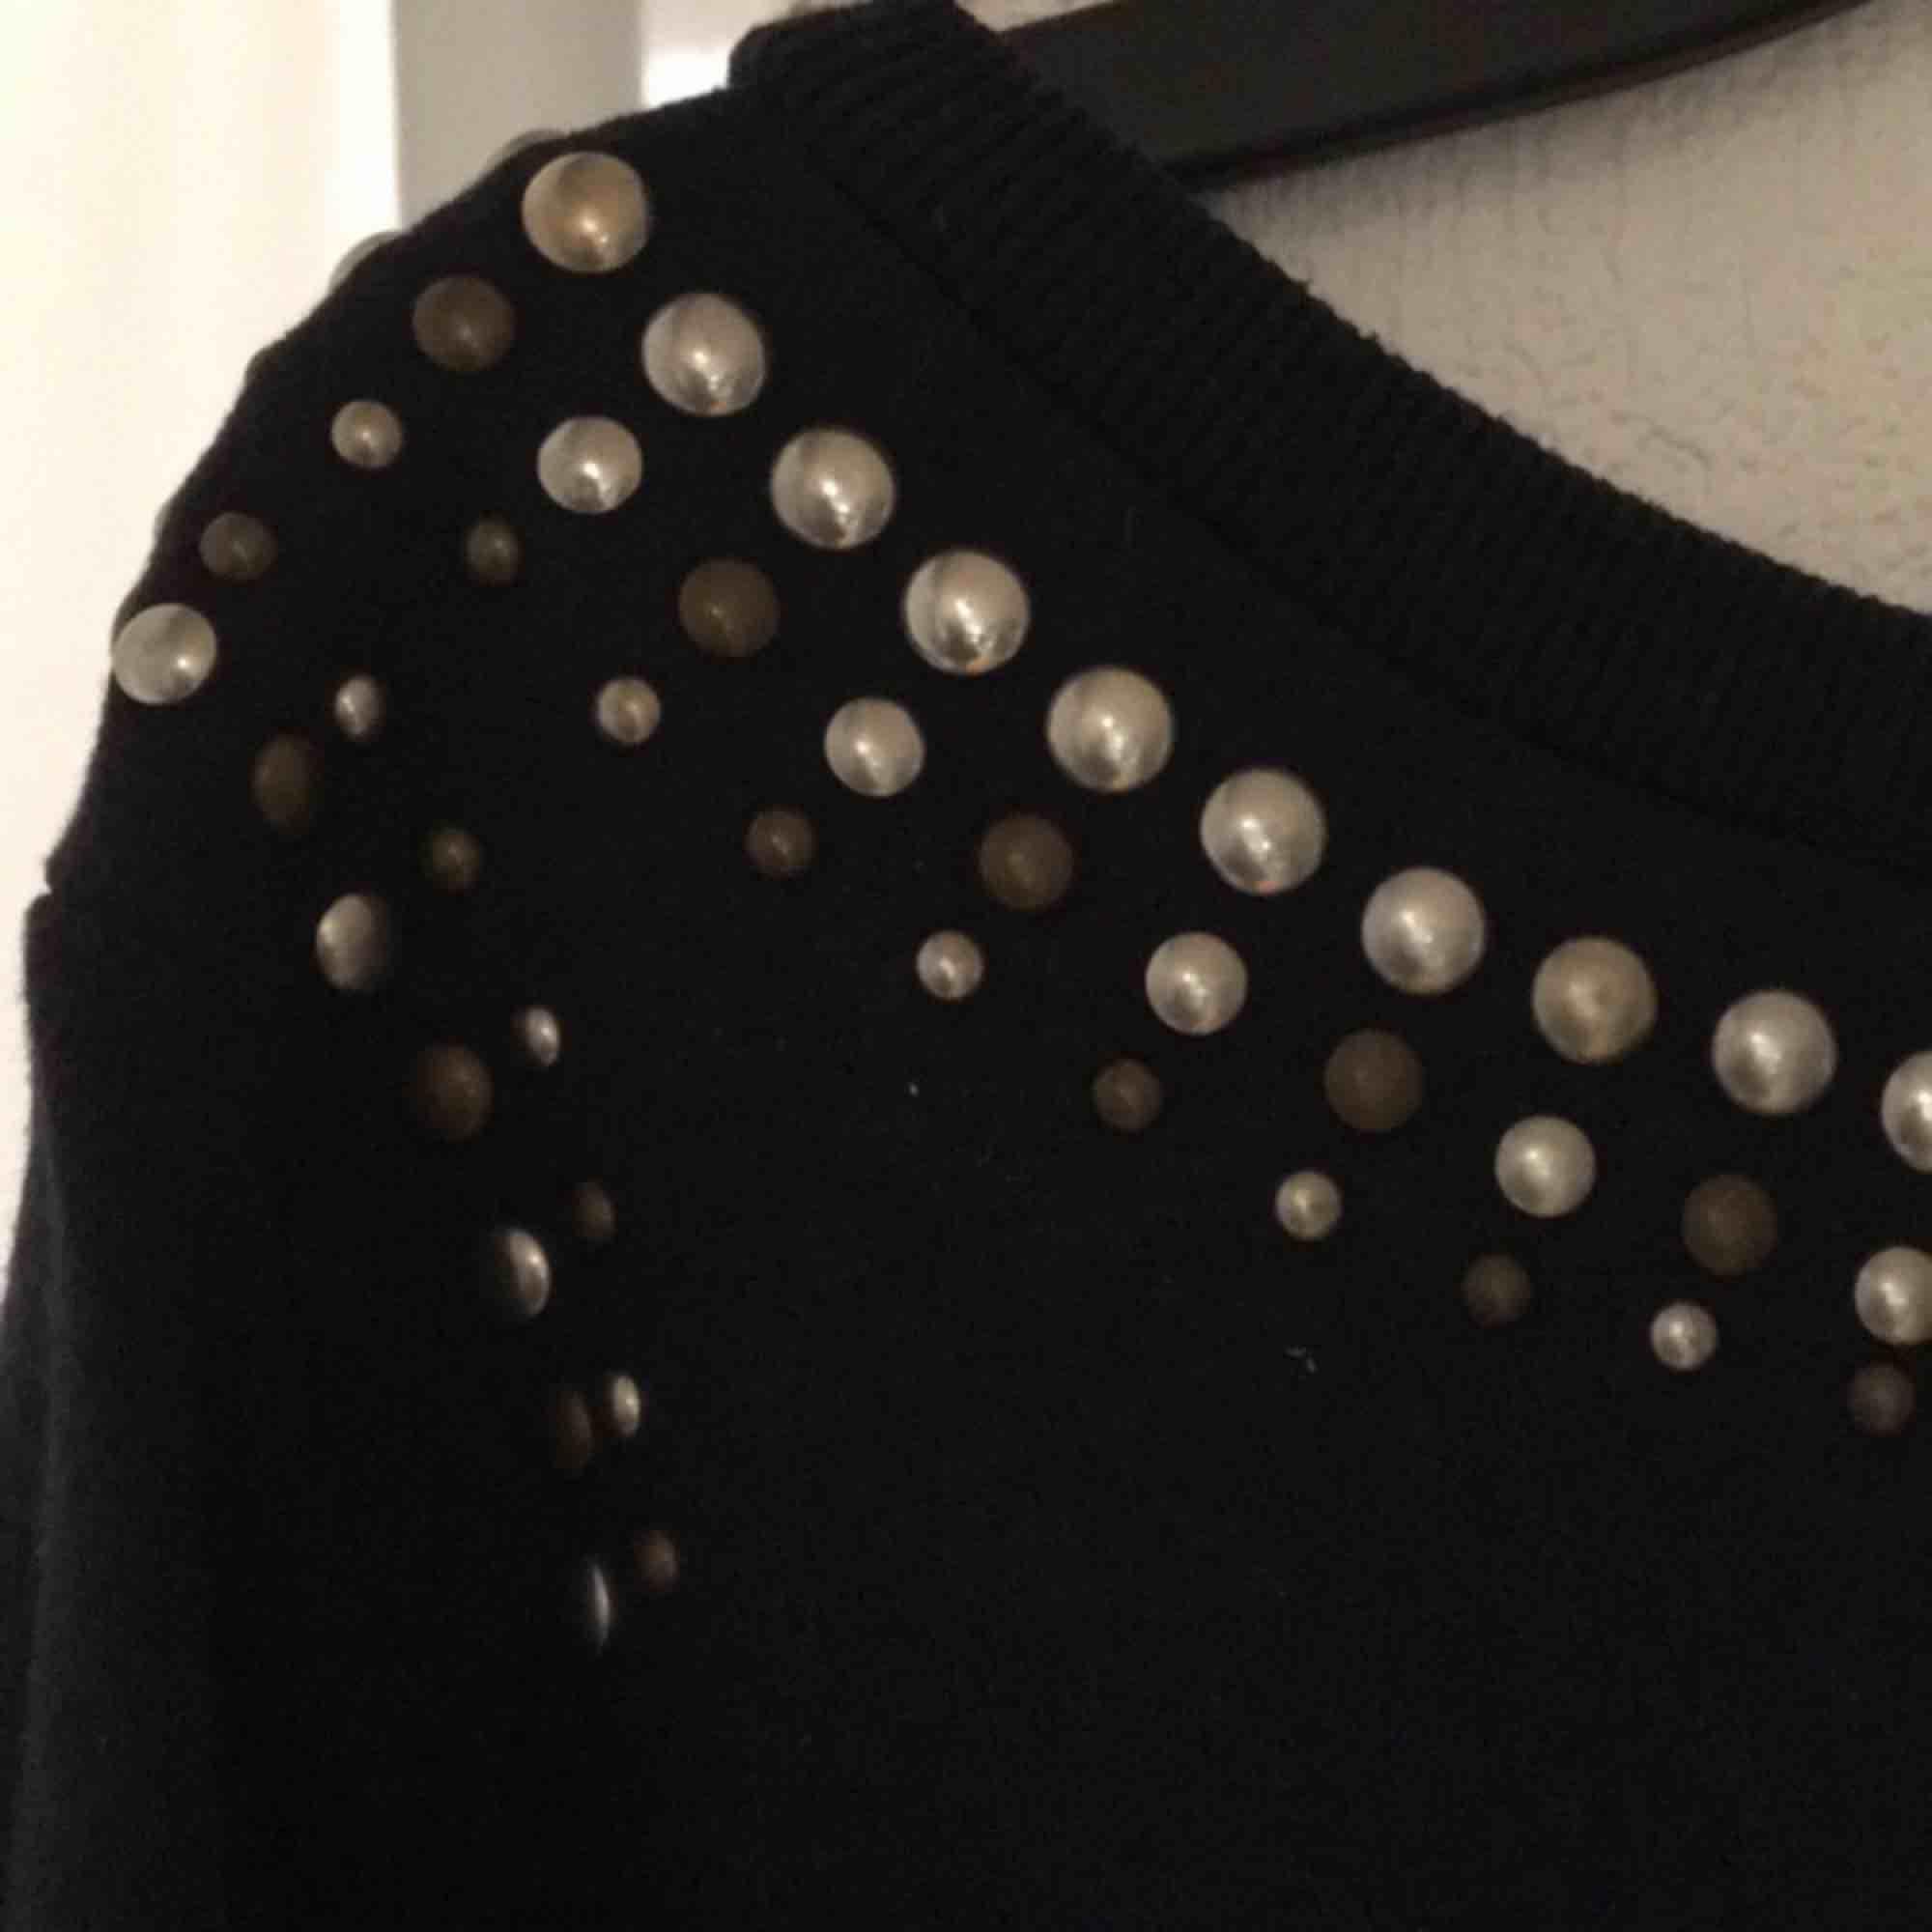 Mörkblå tröja med 3/4ärmar och nitar/pärlor runt urringningen. Betalas med swish, 20kr +frakt. Fråga gärna efter fler bilder eller annat ni undrar över!. Tröjor & Koftor.